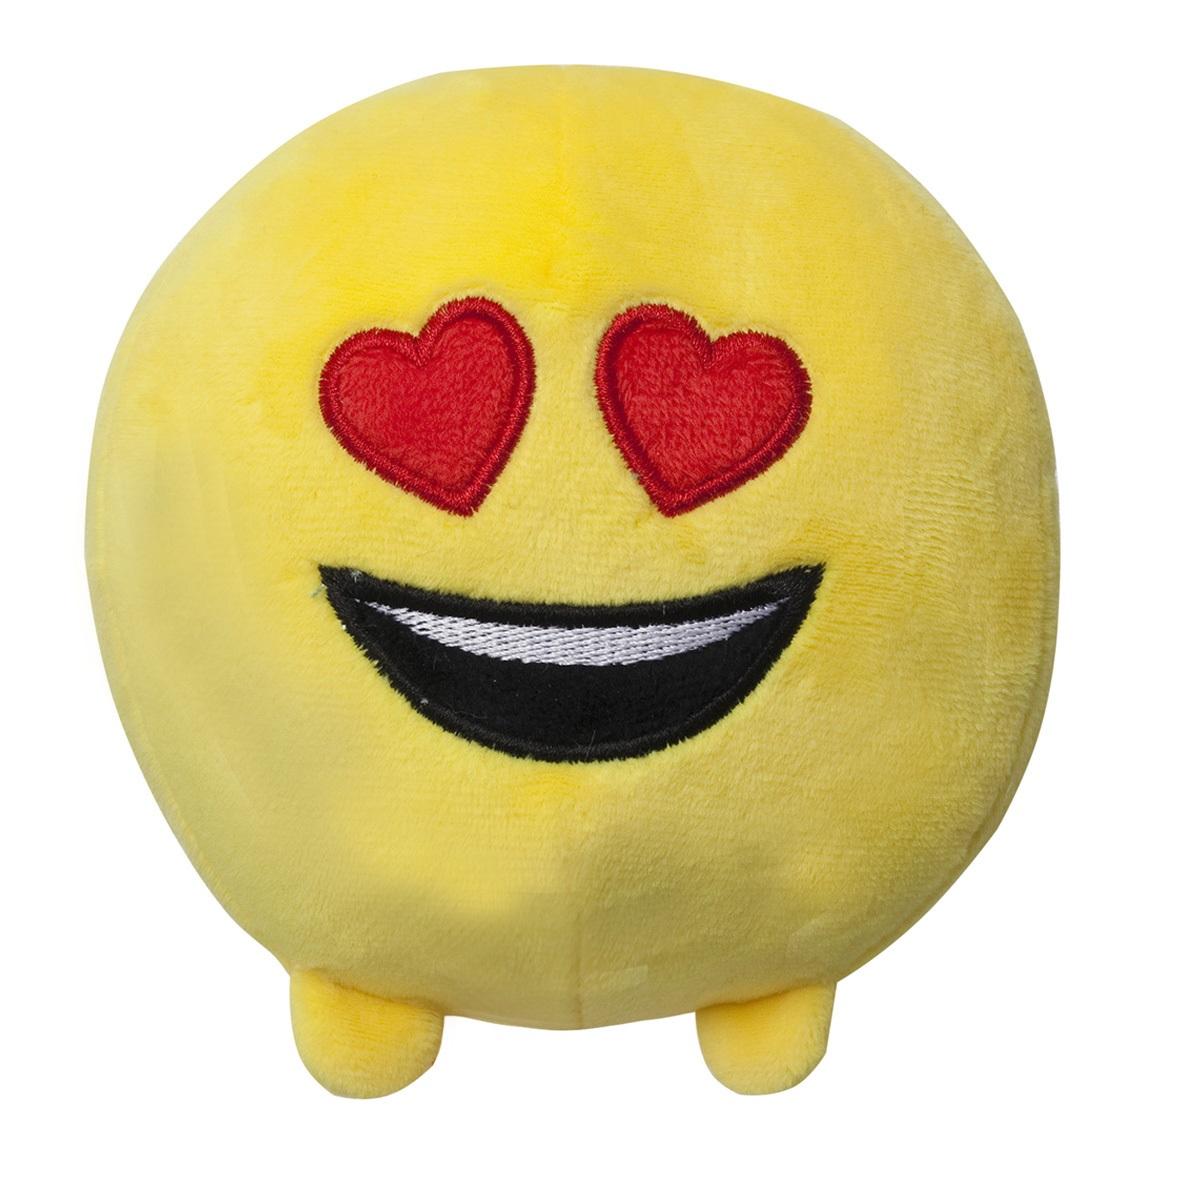 Мягкая игрушка Imoji. Влюблён (11 см)Представляем вашему вниманию мягкую игрушку Imoji. Влюблён в виде одного из смайлов самого популярного месенджера WhatsApp.<br>